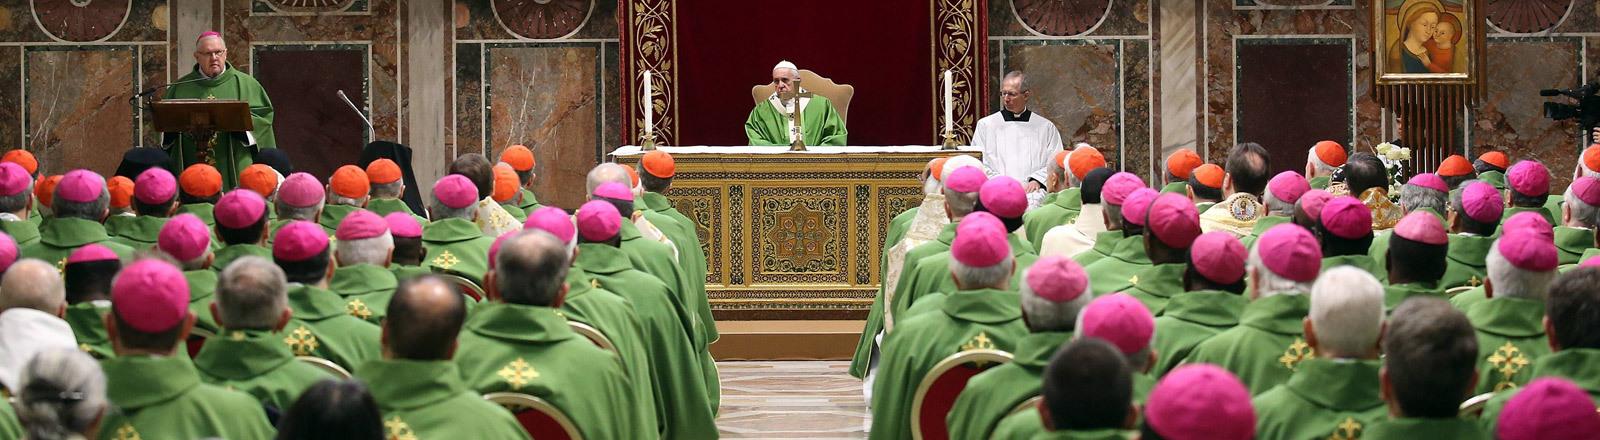 Papst und Bischöfe im Vatikan